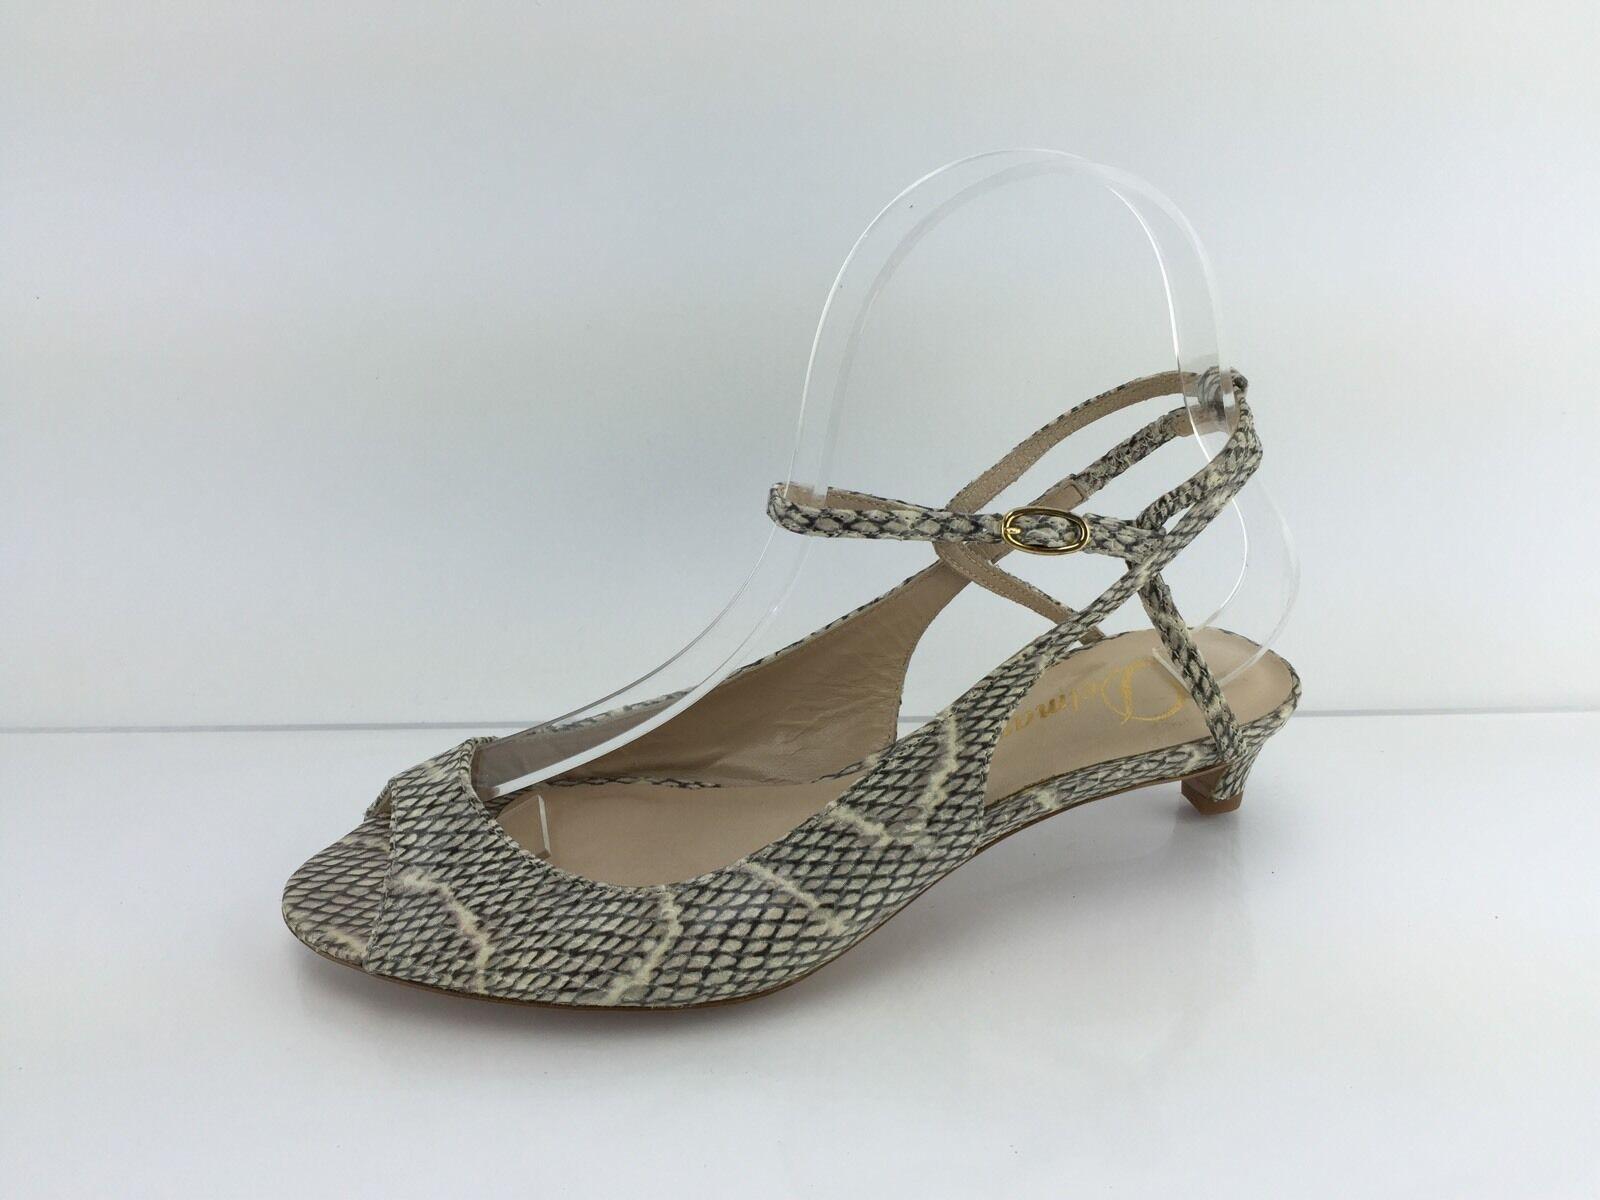 Delman Mujer Marfil Multi Color Sandalias De Cuero 6 6 6  100% precio garantizado